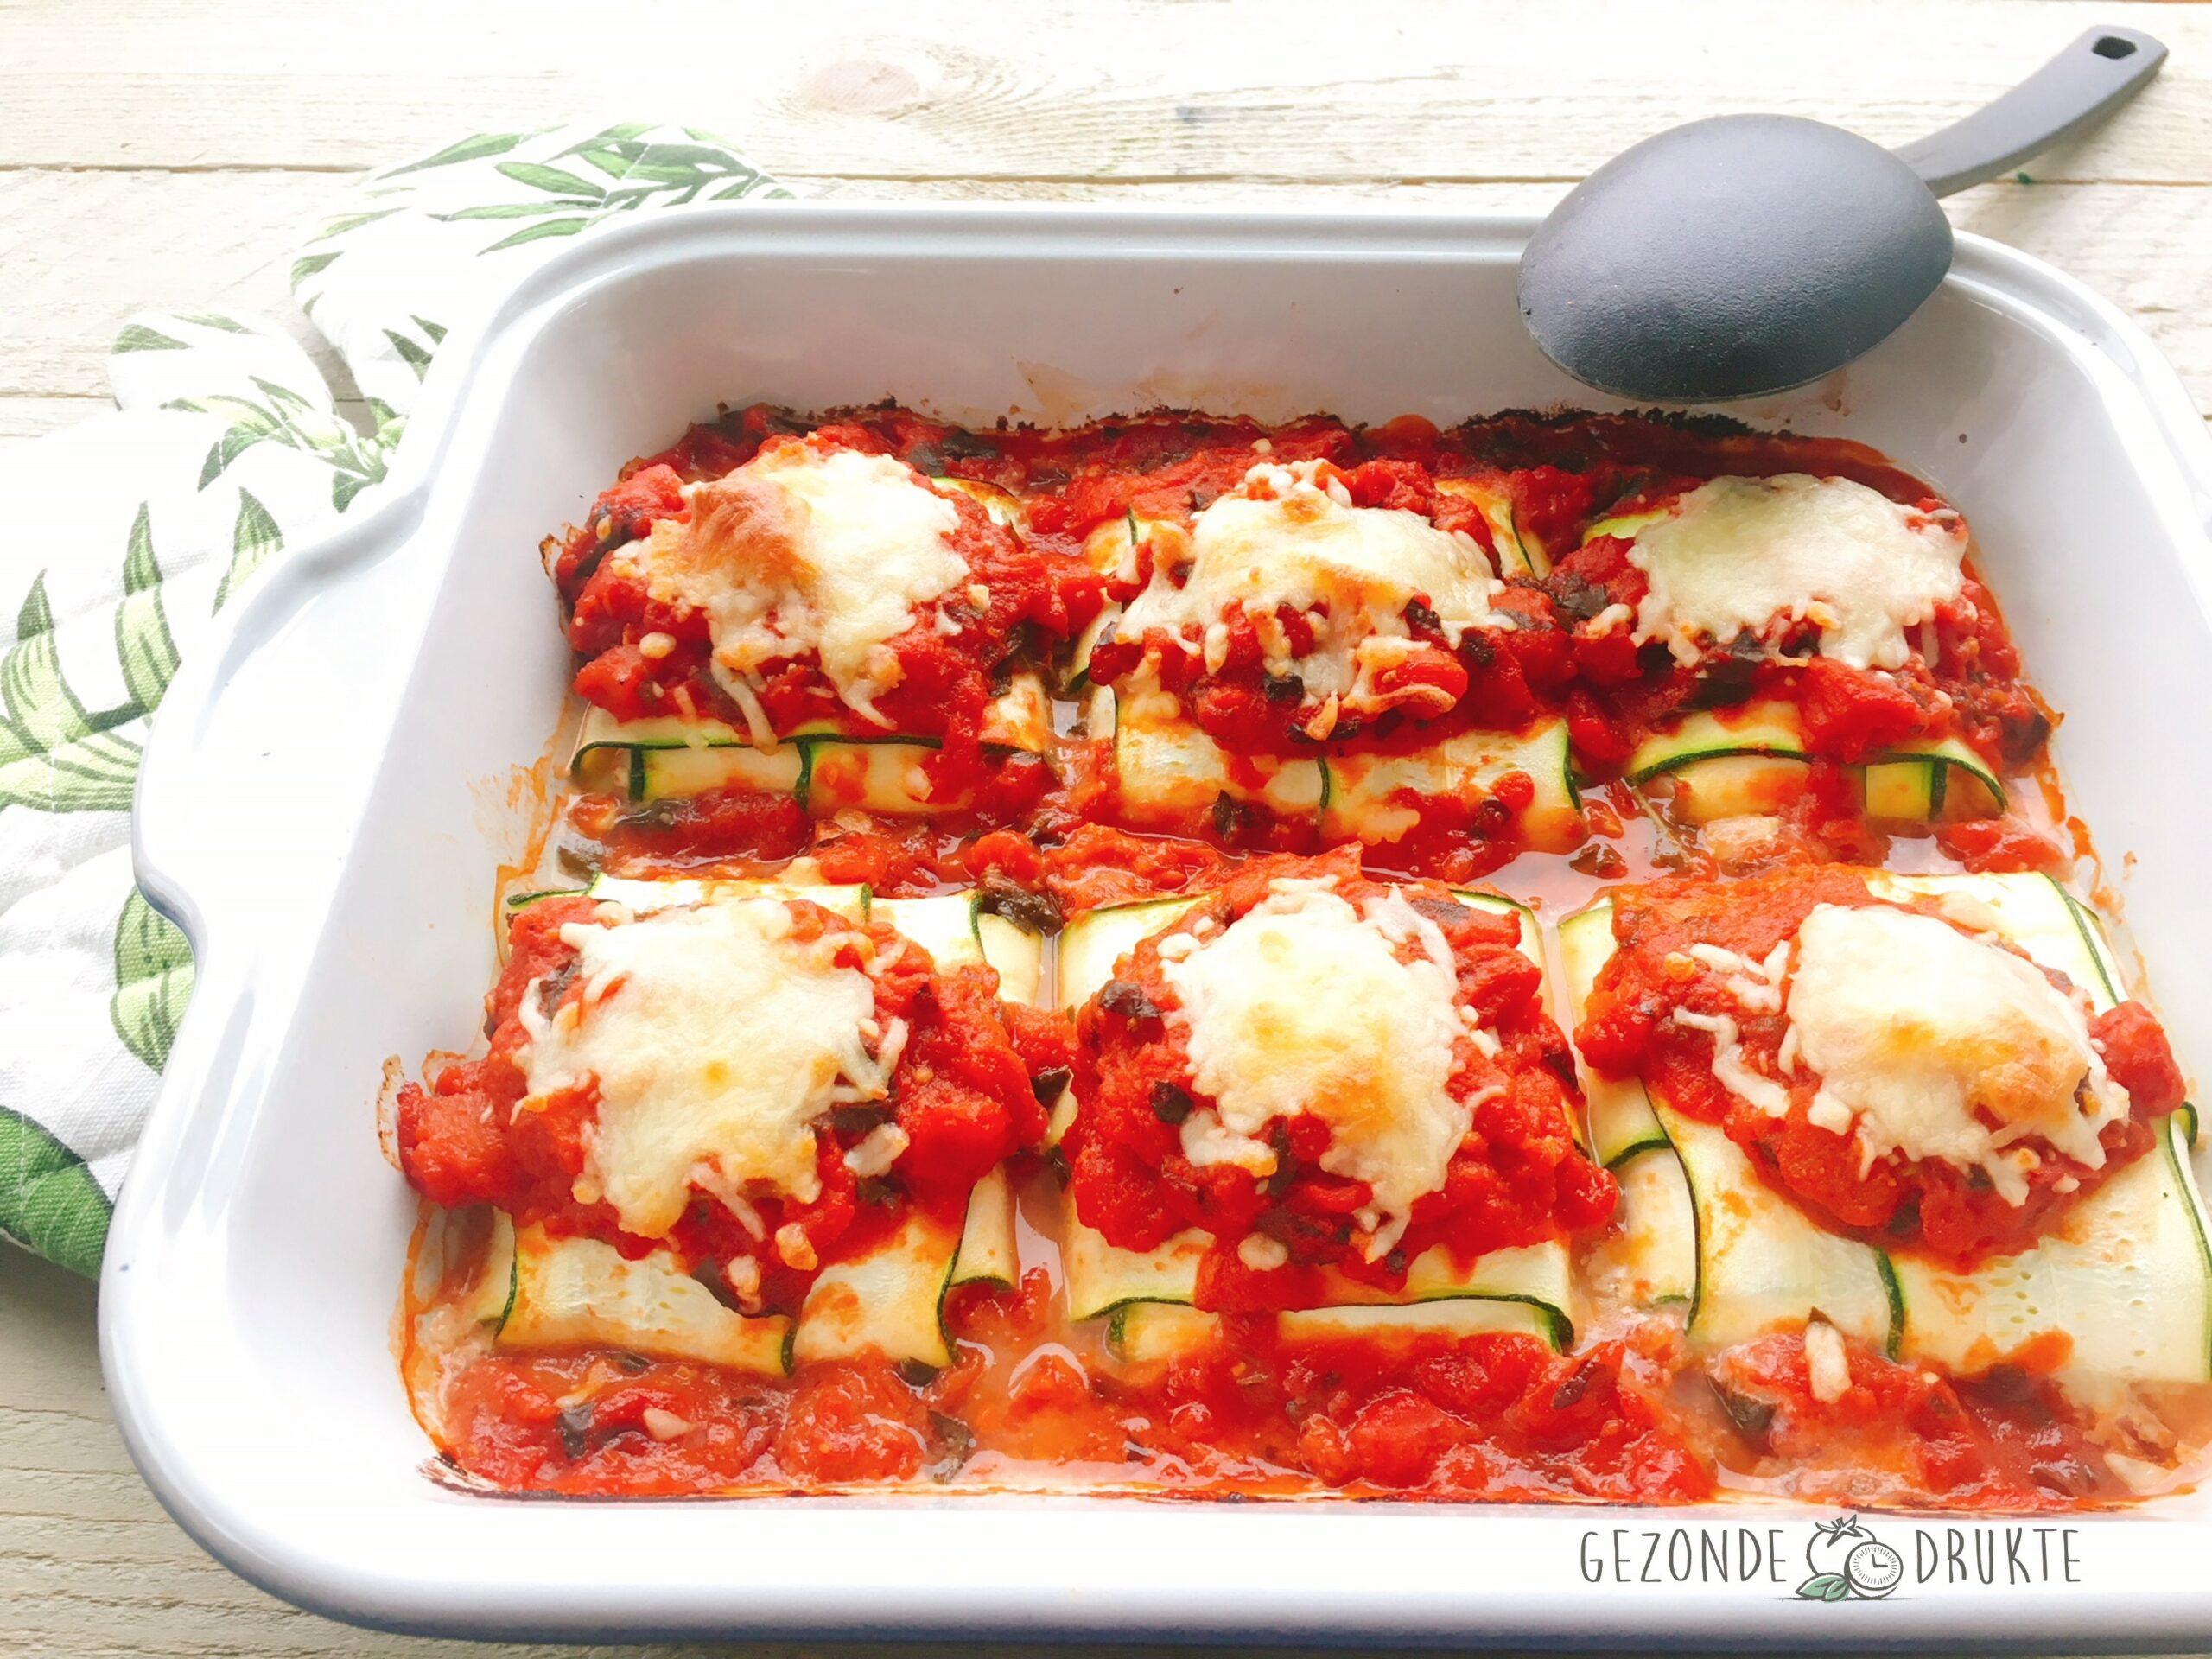 Courgette ravioli met tomatensaus gezonde drukte gezond